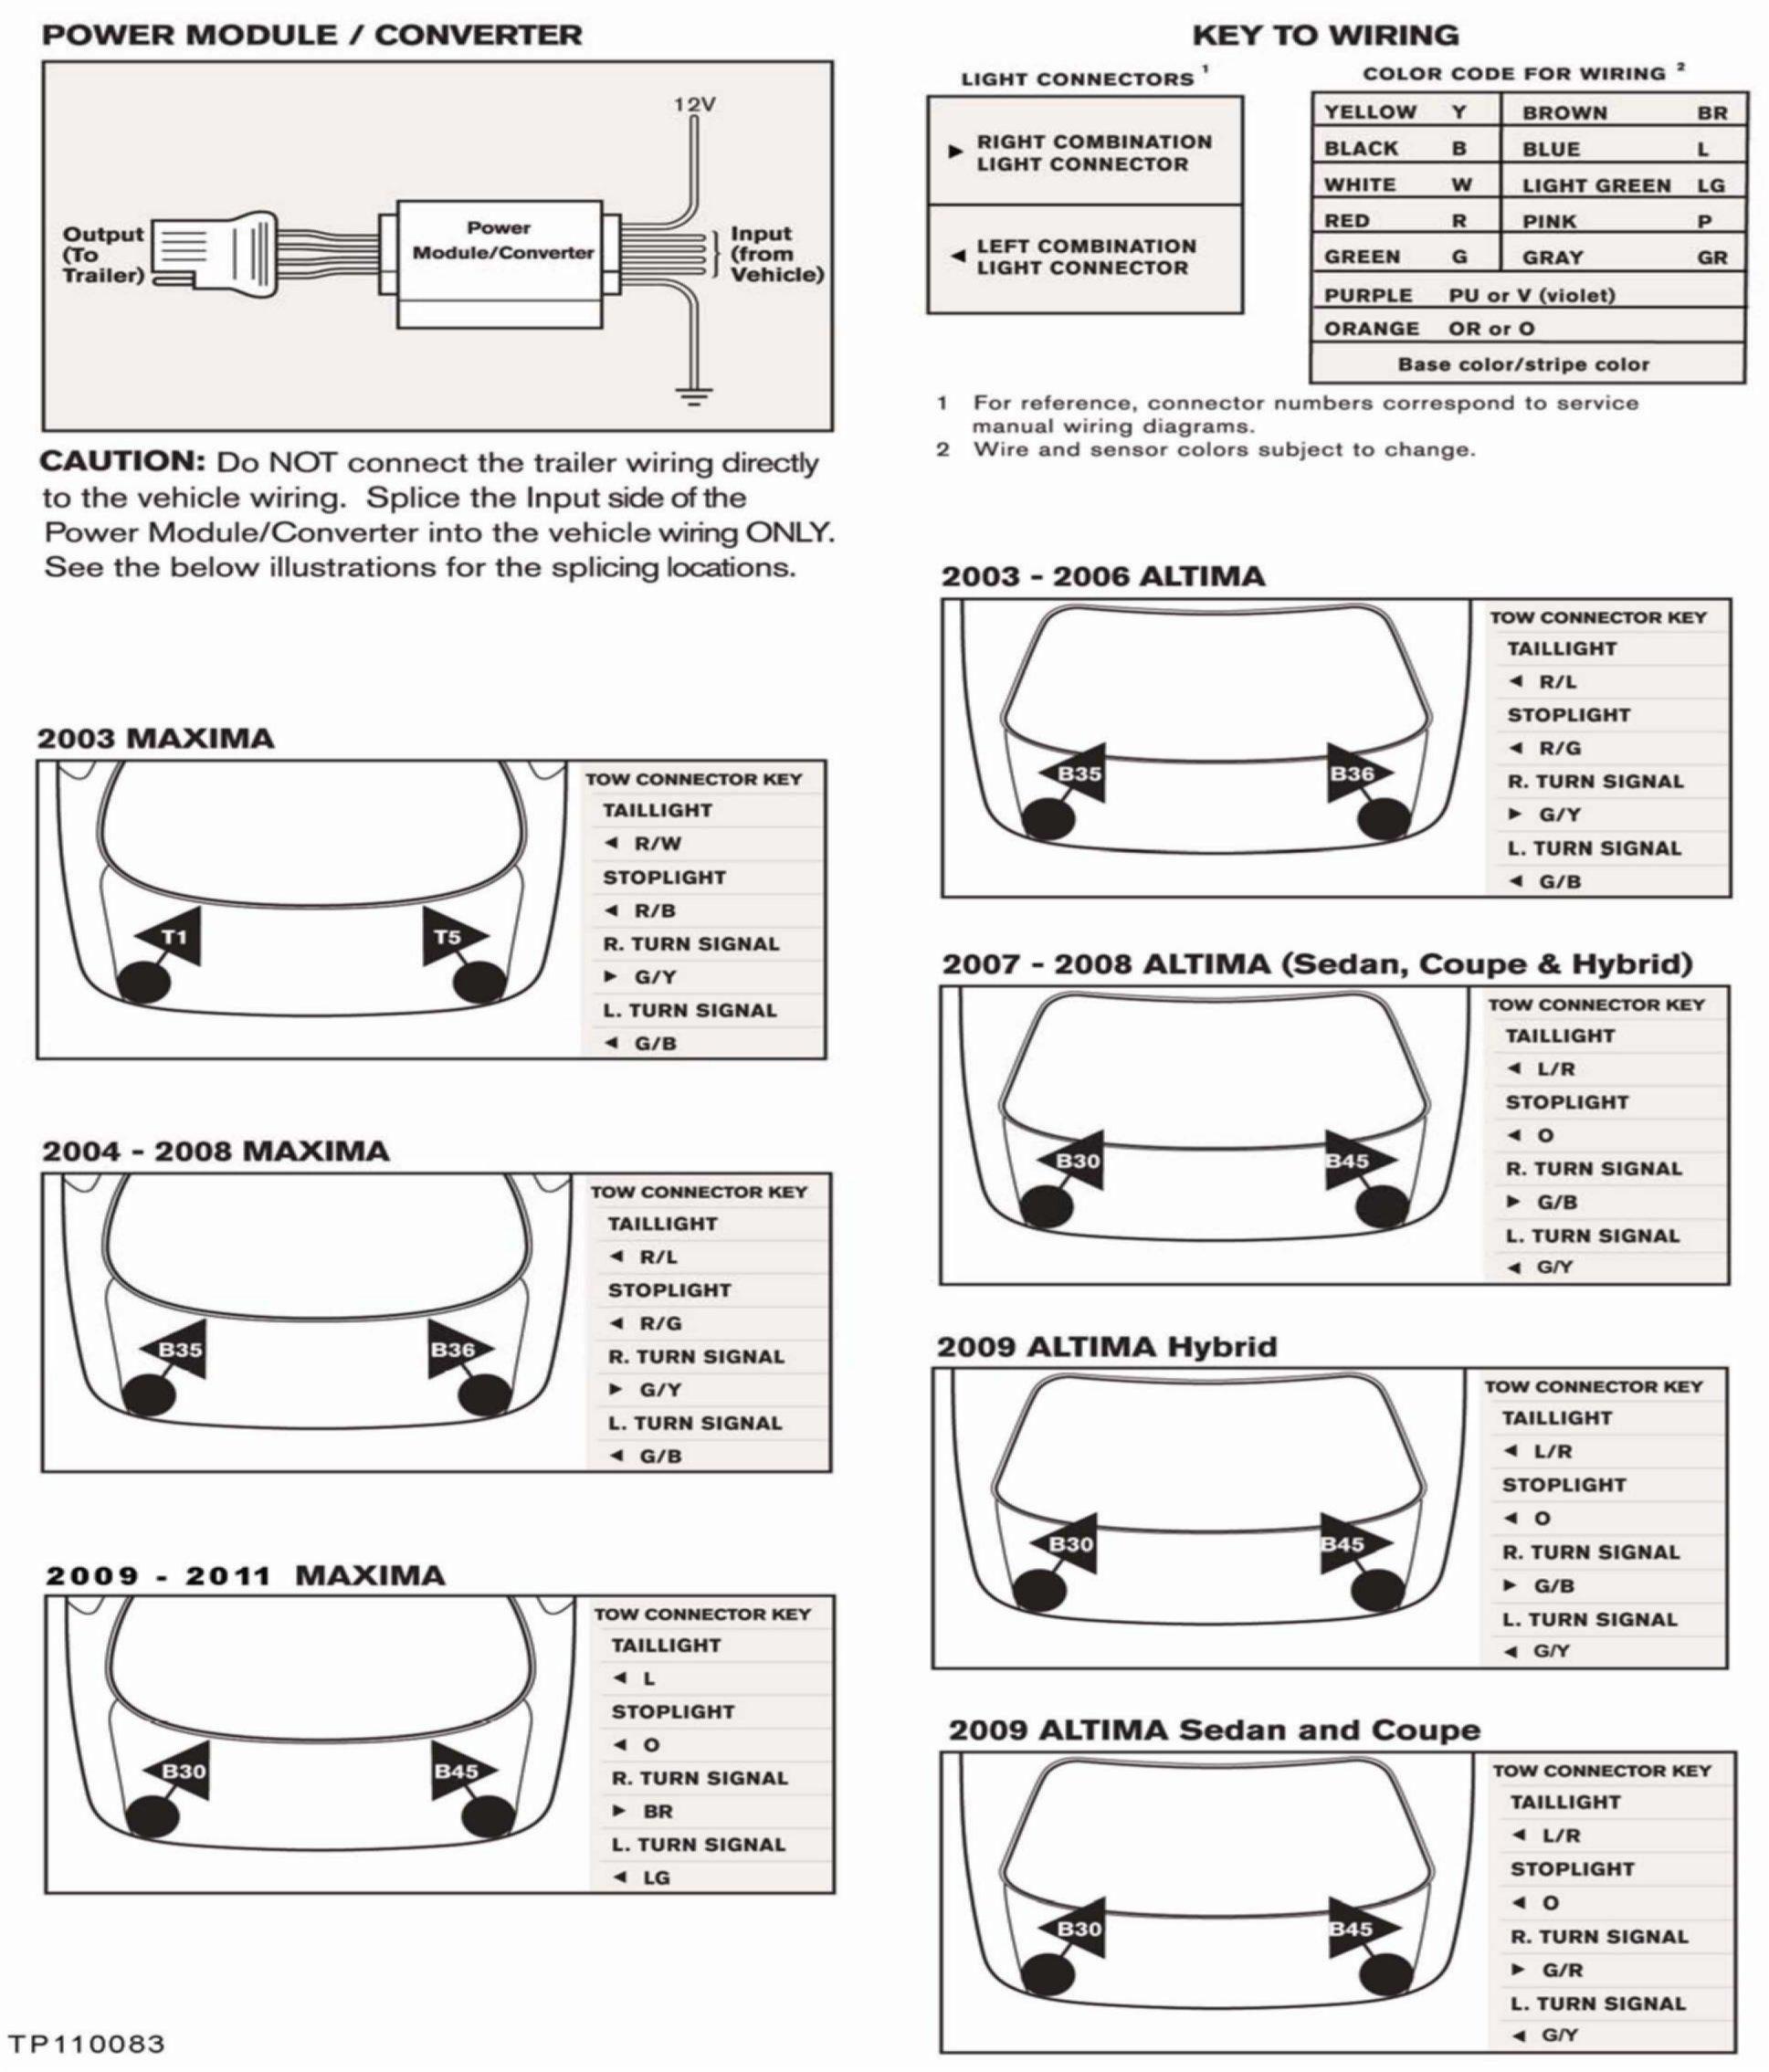 trailer wiring harness installation 2000 nissan xterra wiring, electrical wiring, nissan xterra trailer wiring diagram